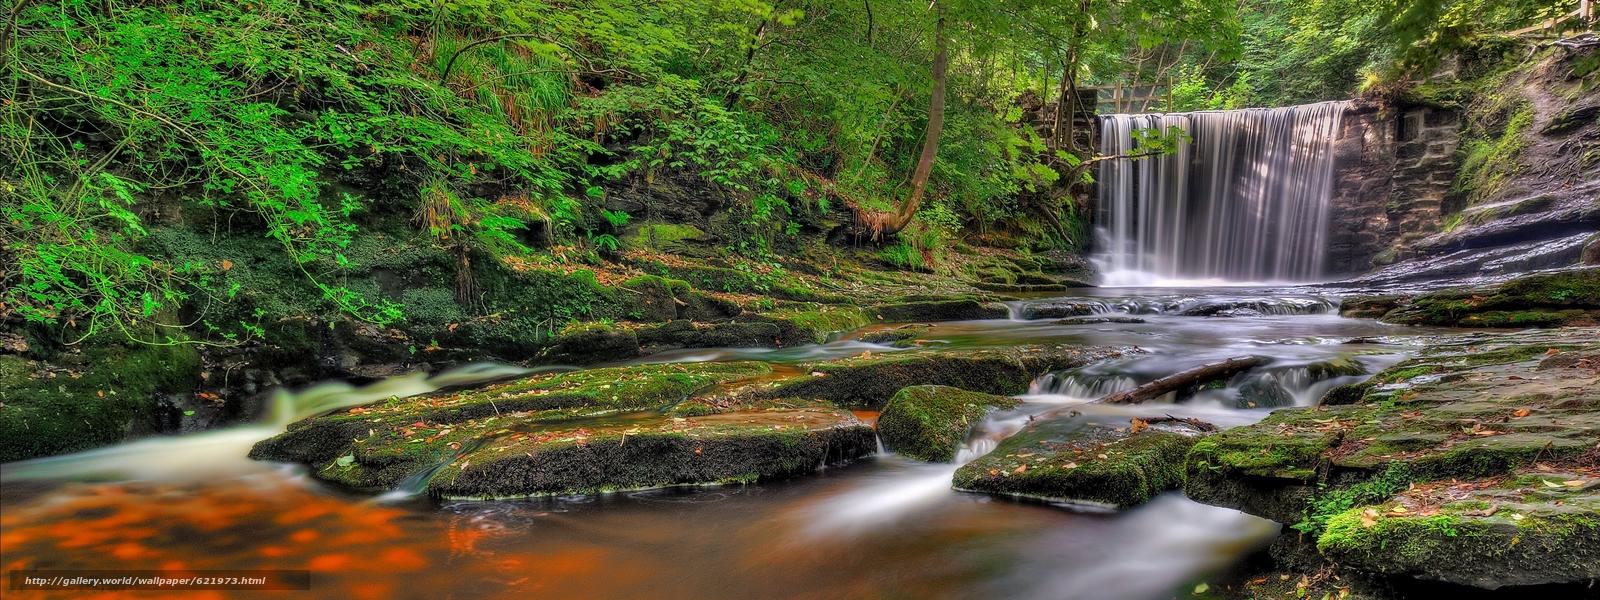 Скачать обои лес,  водопад,  речка,  скалы бесплатно для рабочего стола в разрешении 3718x1395 — картинка №621973